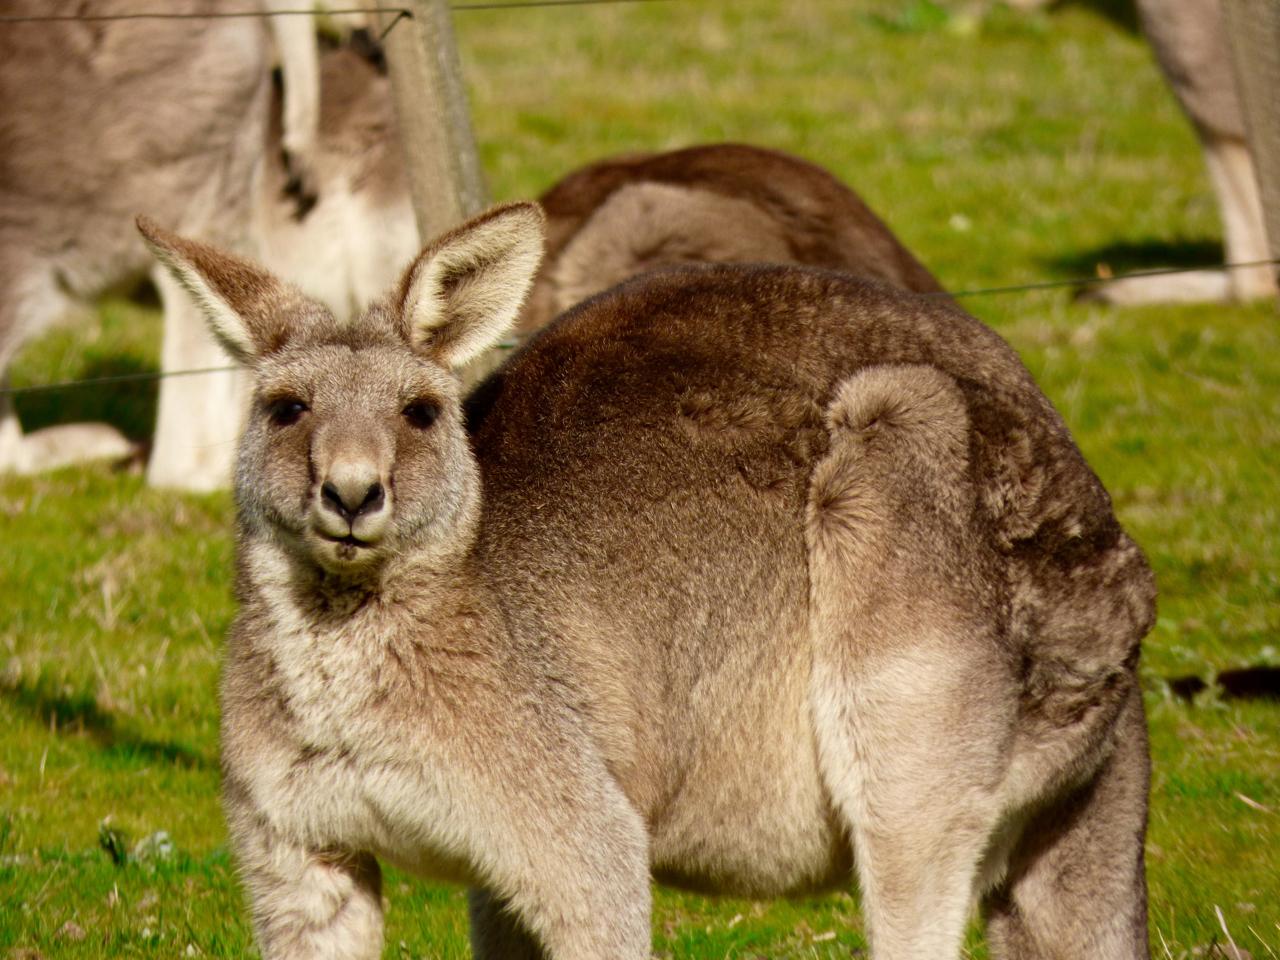 Kangaroo munching on grass in Australia